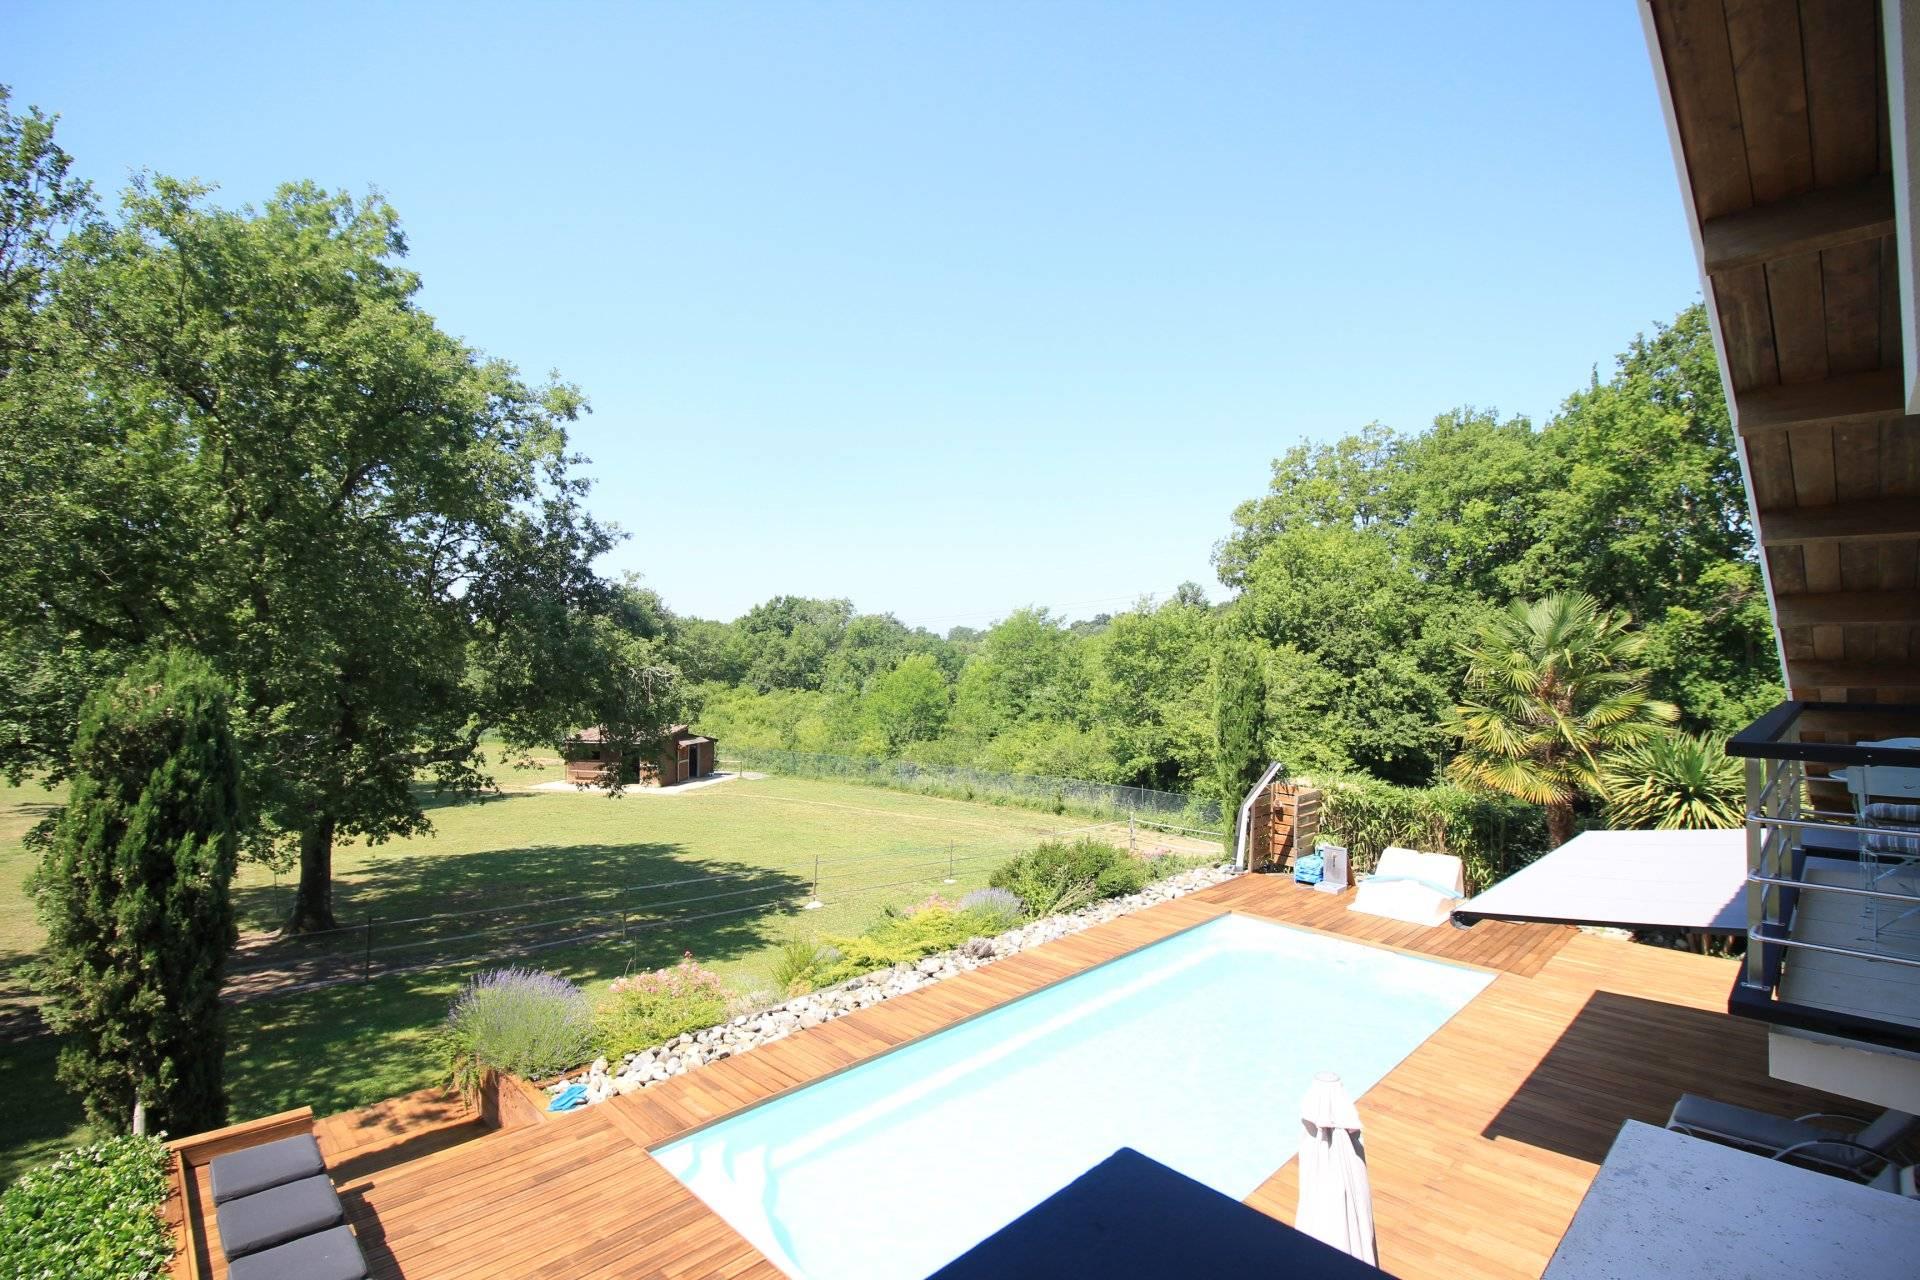 Propriété aux belles prestations proche Bordeaux SAINT-CAPRAIS-DE-BORDEAUX